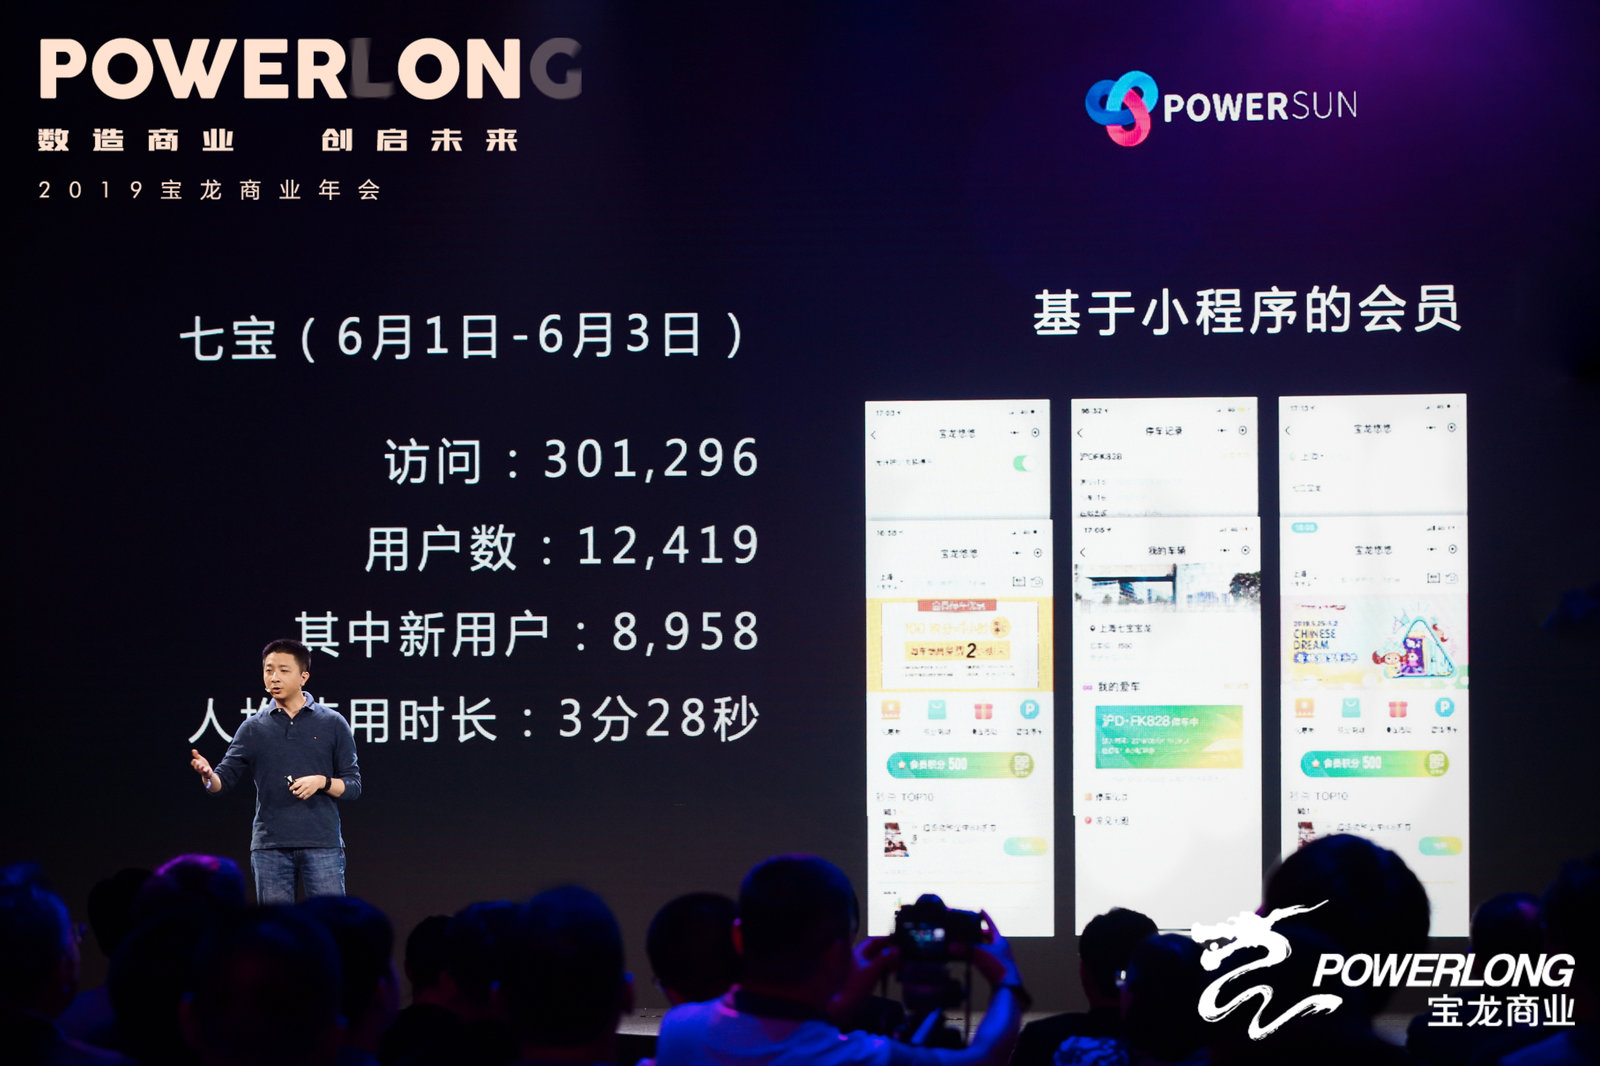 图:宝龙创想实验室首席创新官吴弼川师长分享宝龙新商业展看